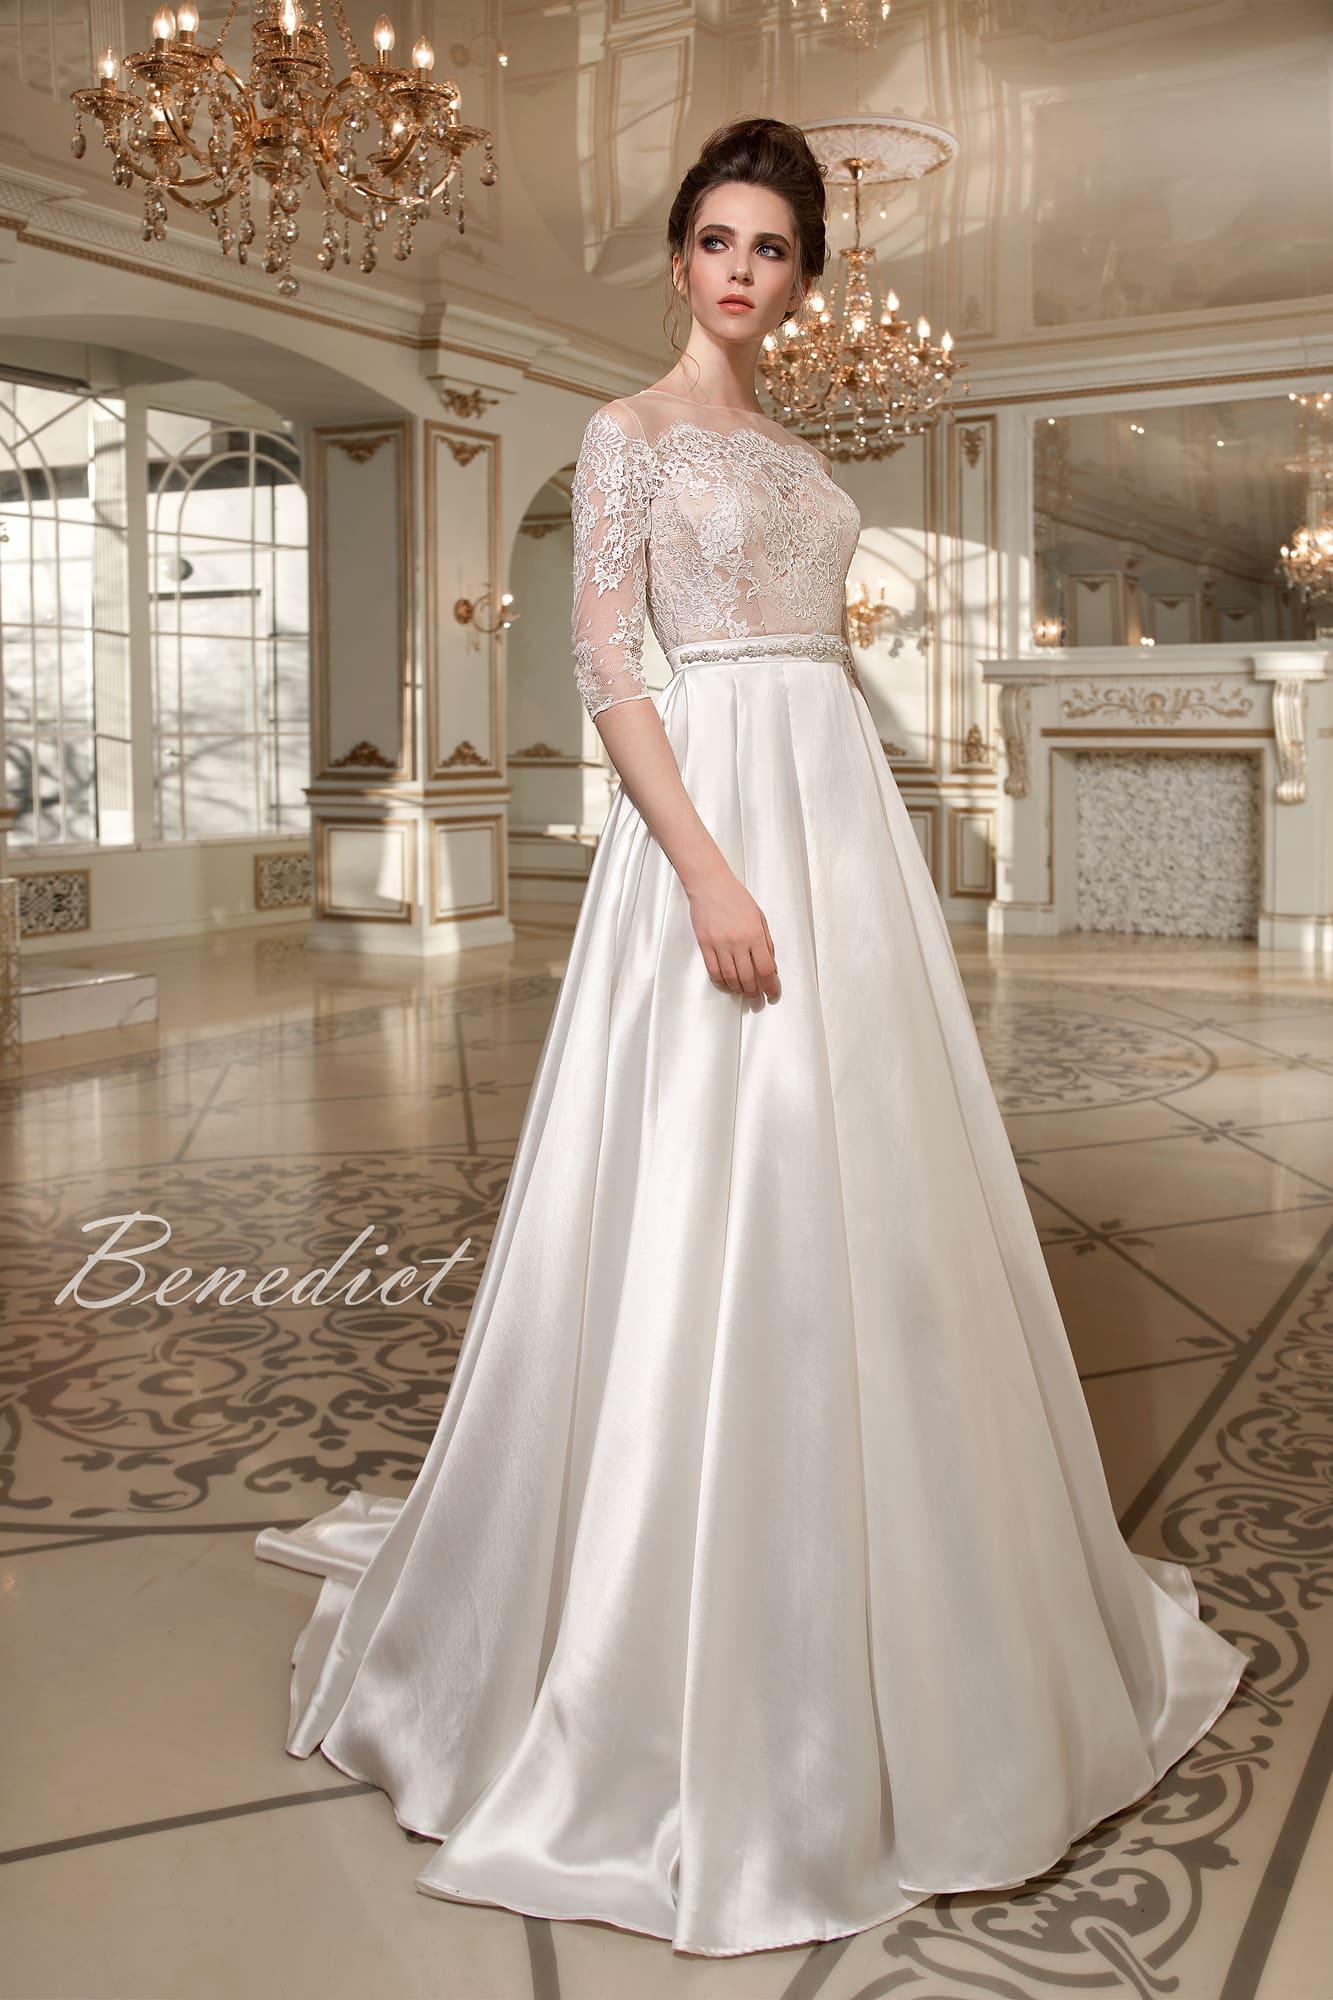 356e06b51d9 Свадебное платье с атласной юбкой А-силуэта и женственным кружевным верхом  с длинным рукавом.